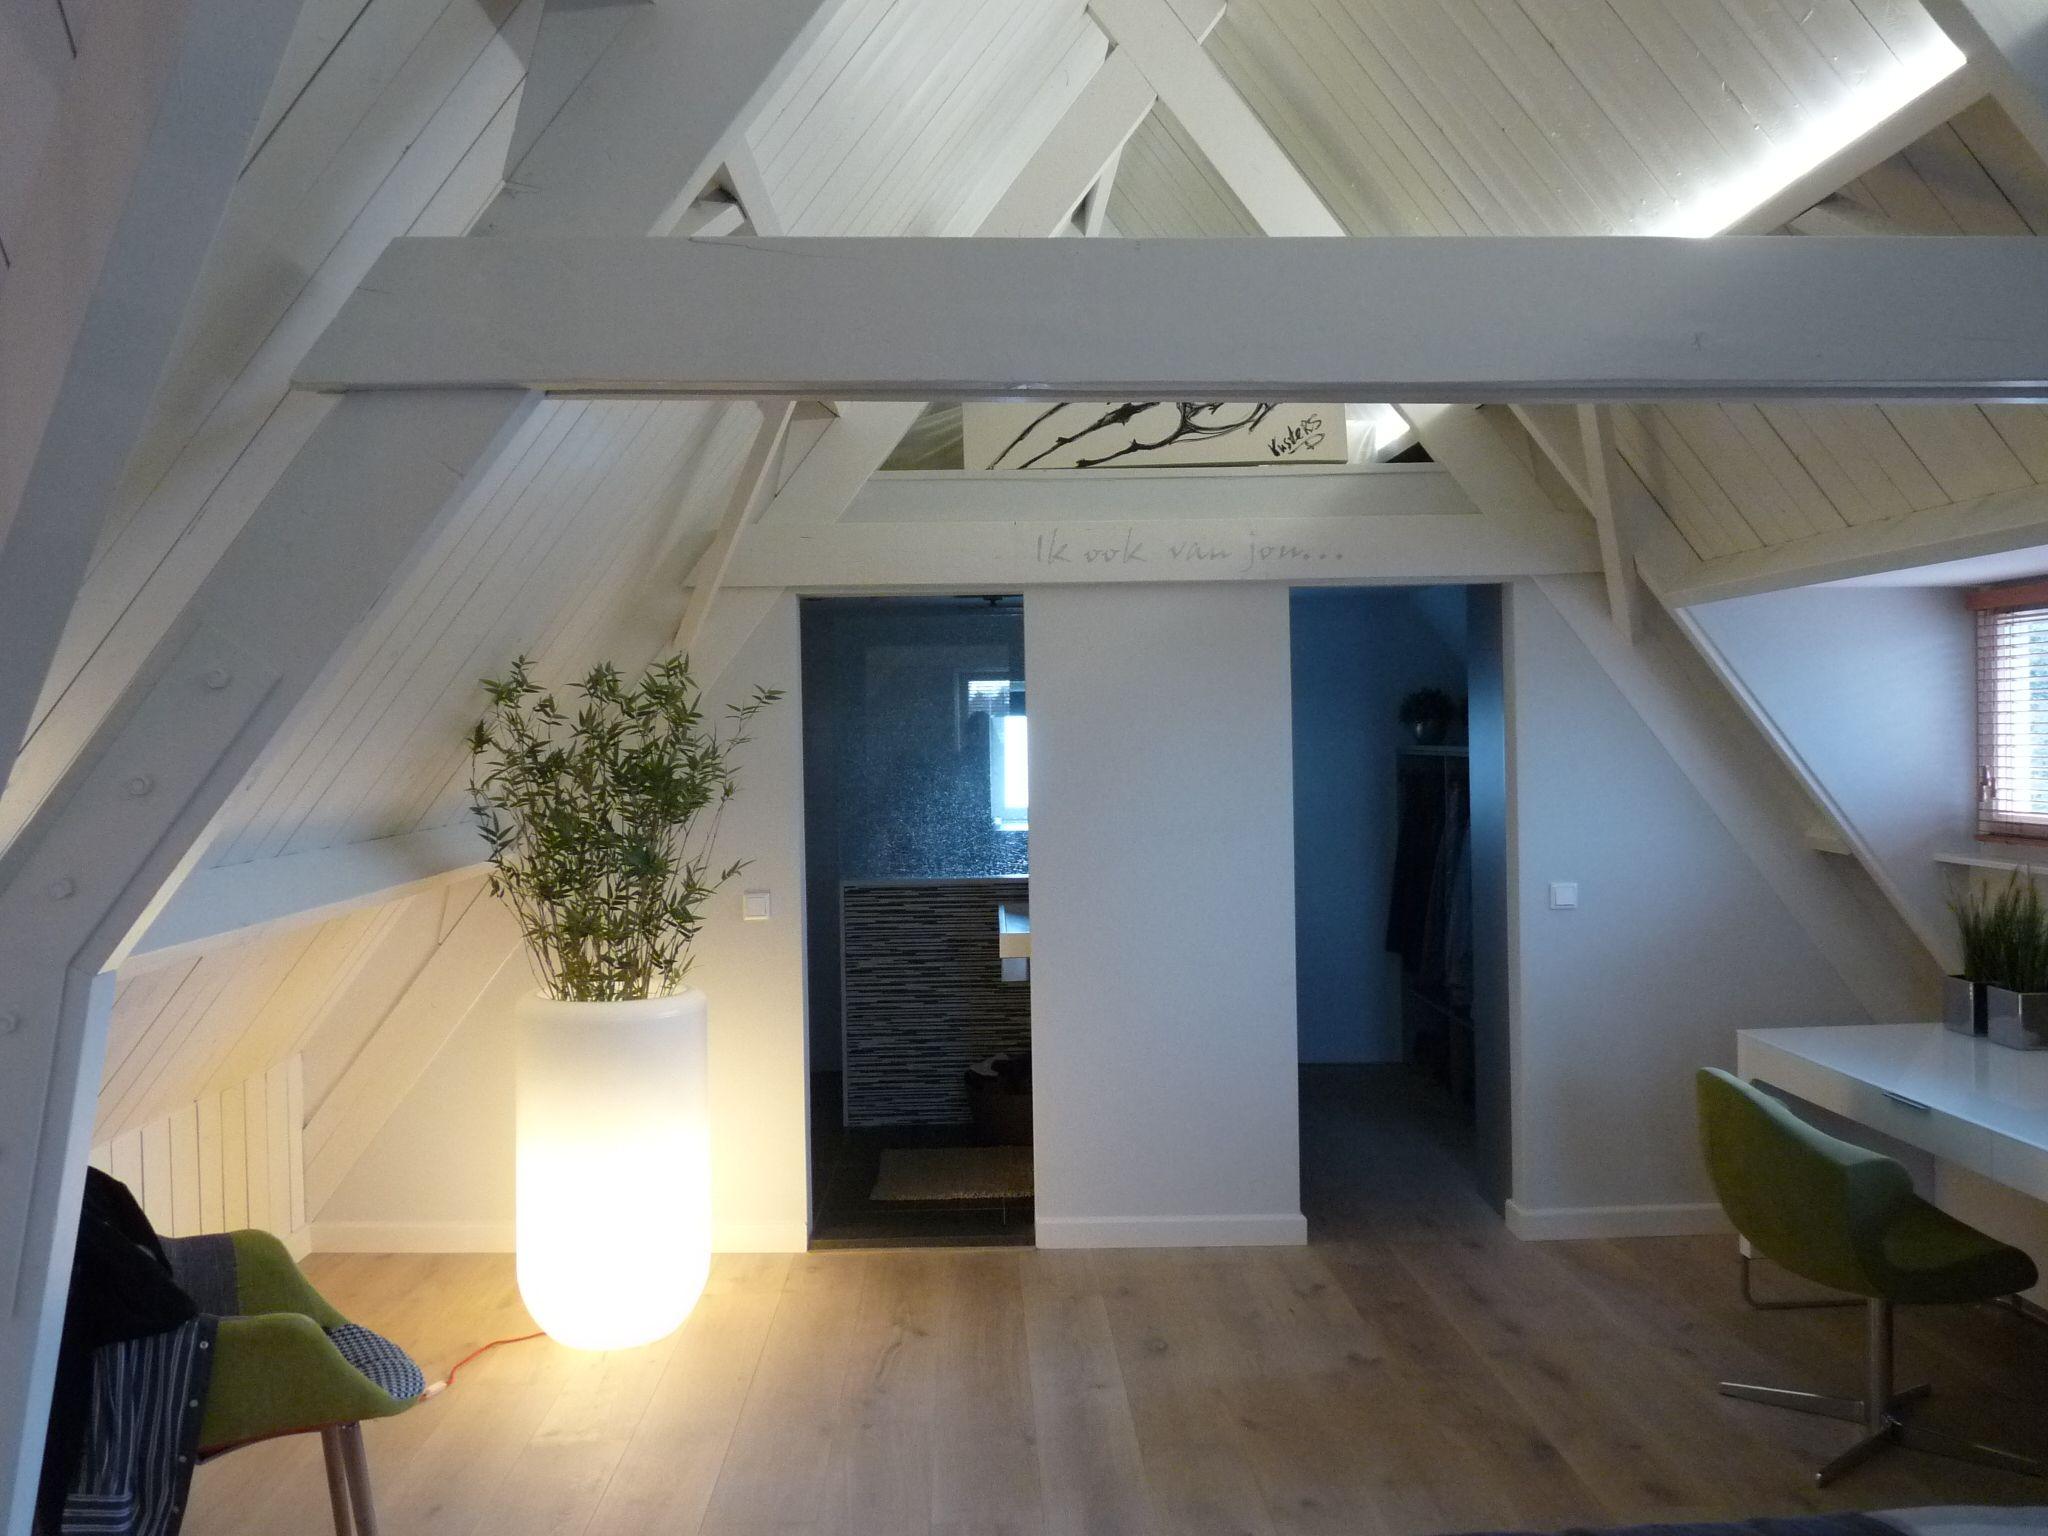 Eigen huis en tuin zolder open maken google zoeken zolder pinterest verlichting en tuin - Idee amenagement zolder klein volume ...